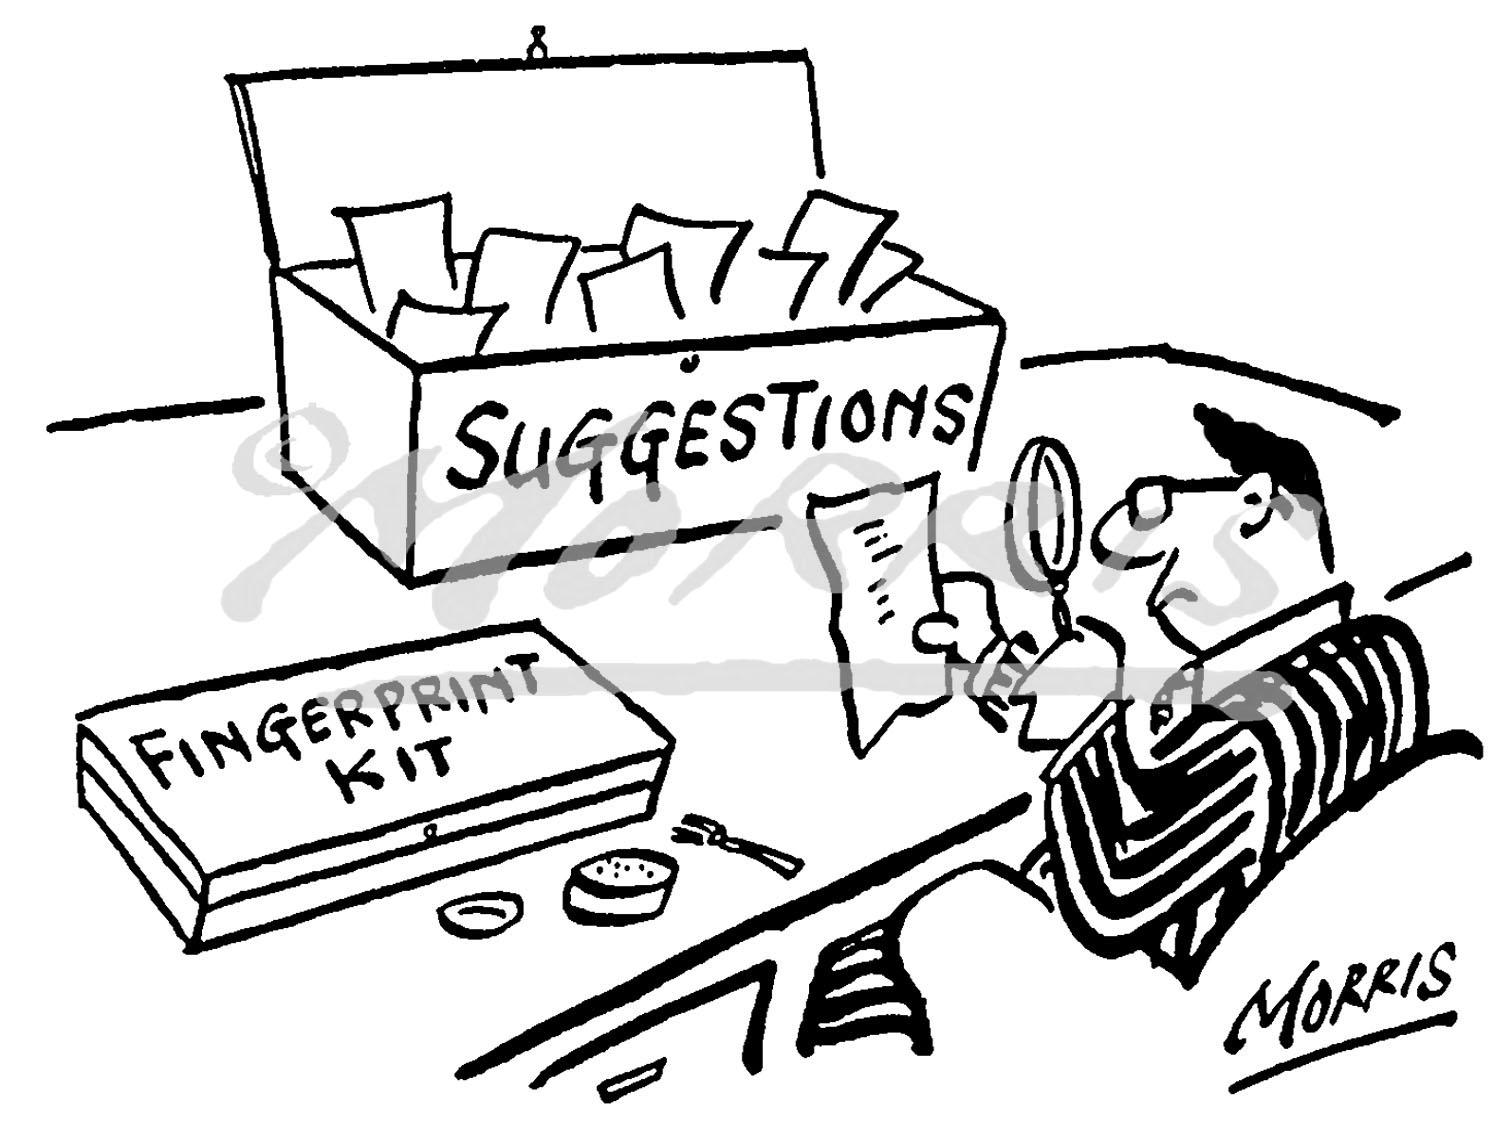 Office suggestion box scheme cartoon – Ref: 0252bw